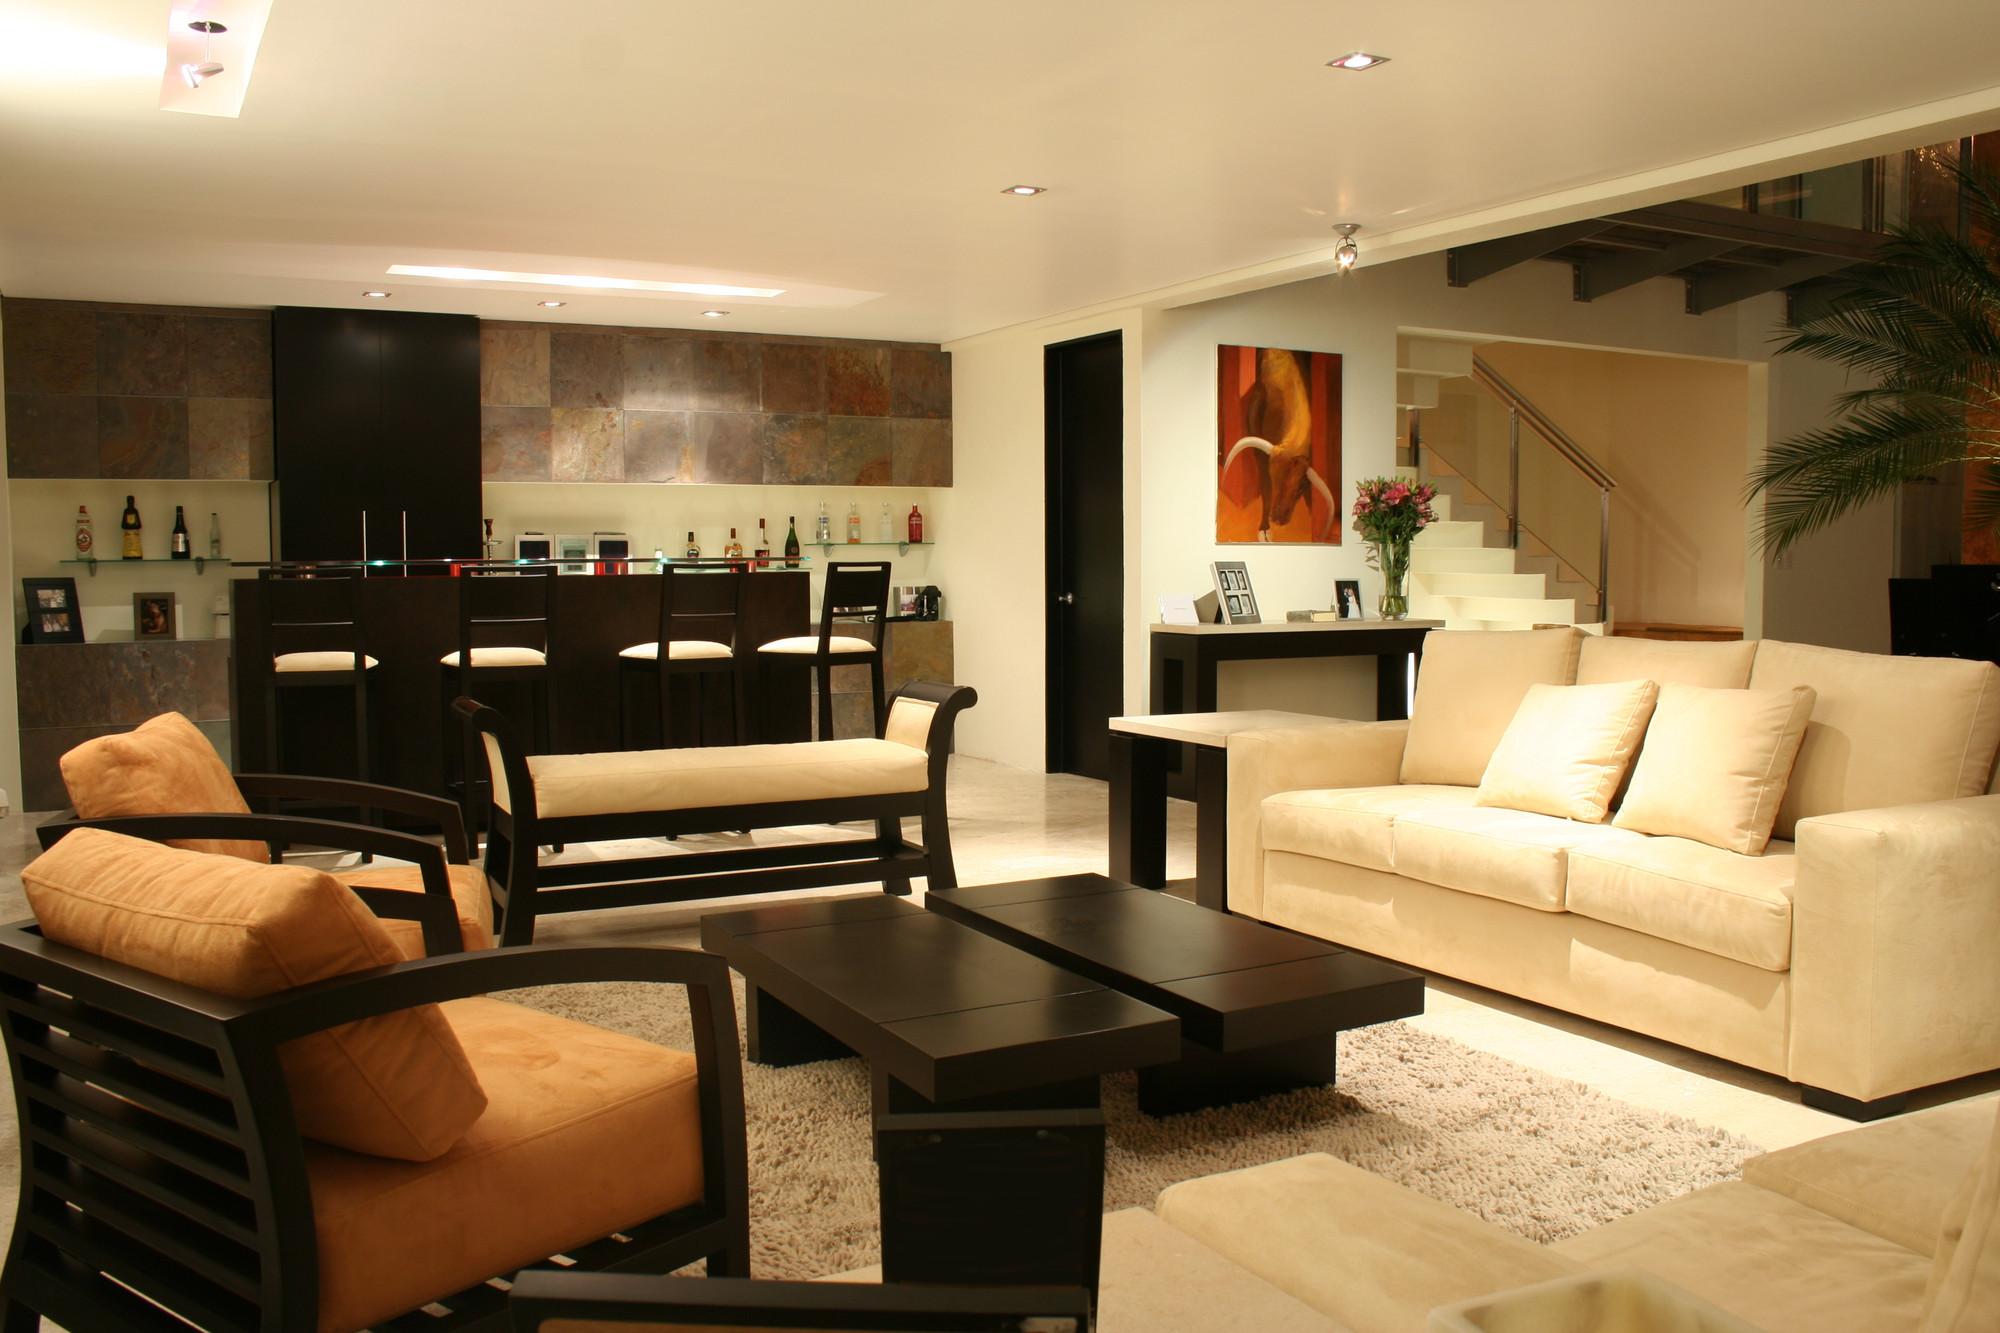 Galer a de casa f micheas arquitectos 8 for Casas y sus interiores